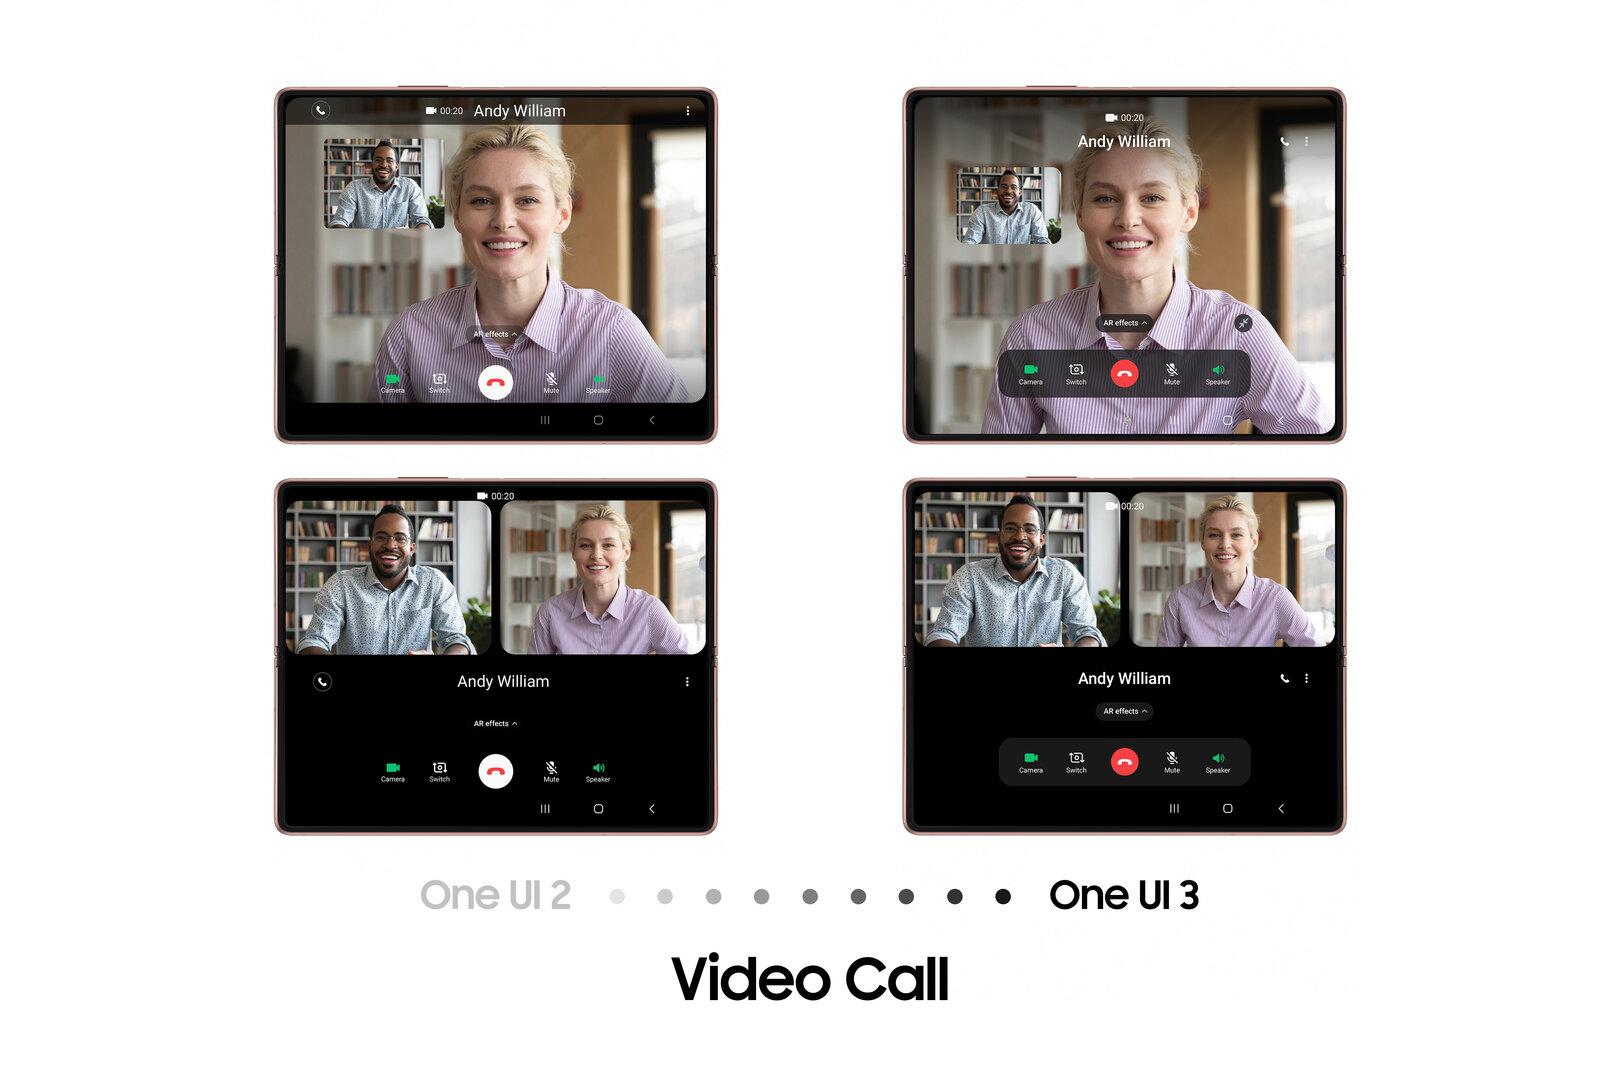 Videoanrufe füllen großen Bildschirm besser aus